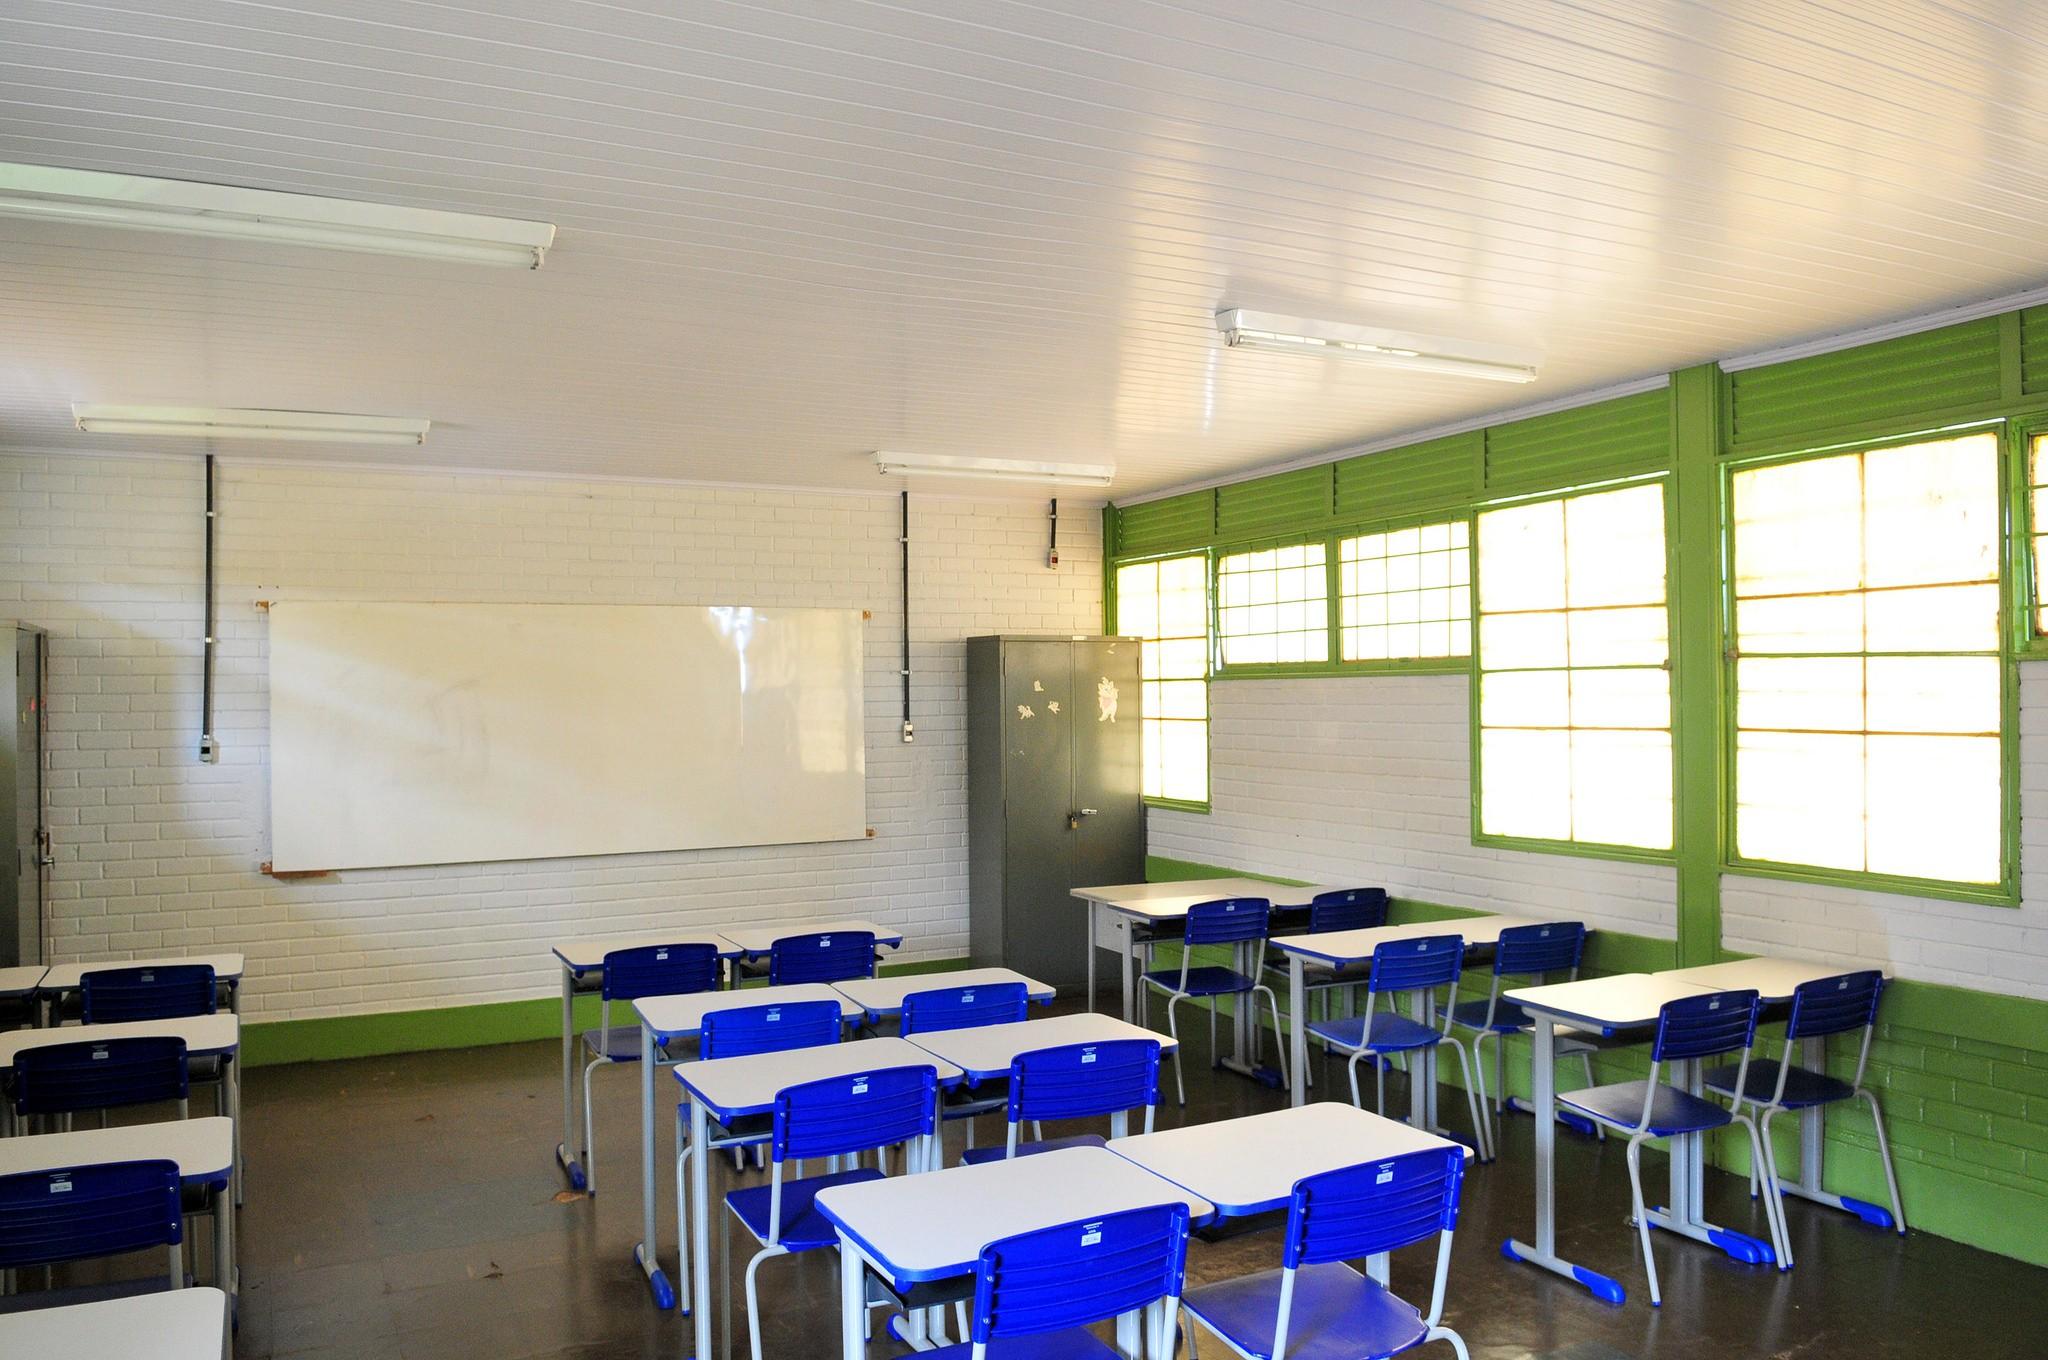 Mais da metade dos professores do DF foram vítimas de violência na escola, diz pesquisa